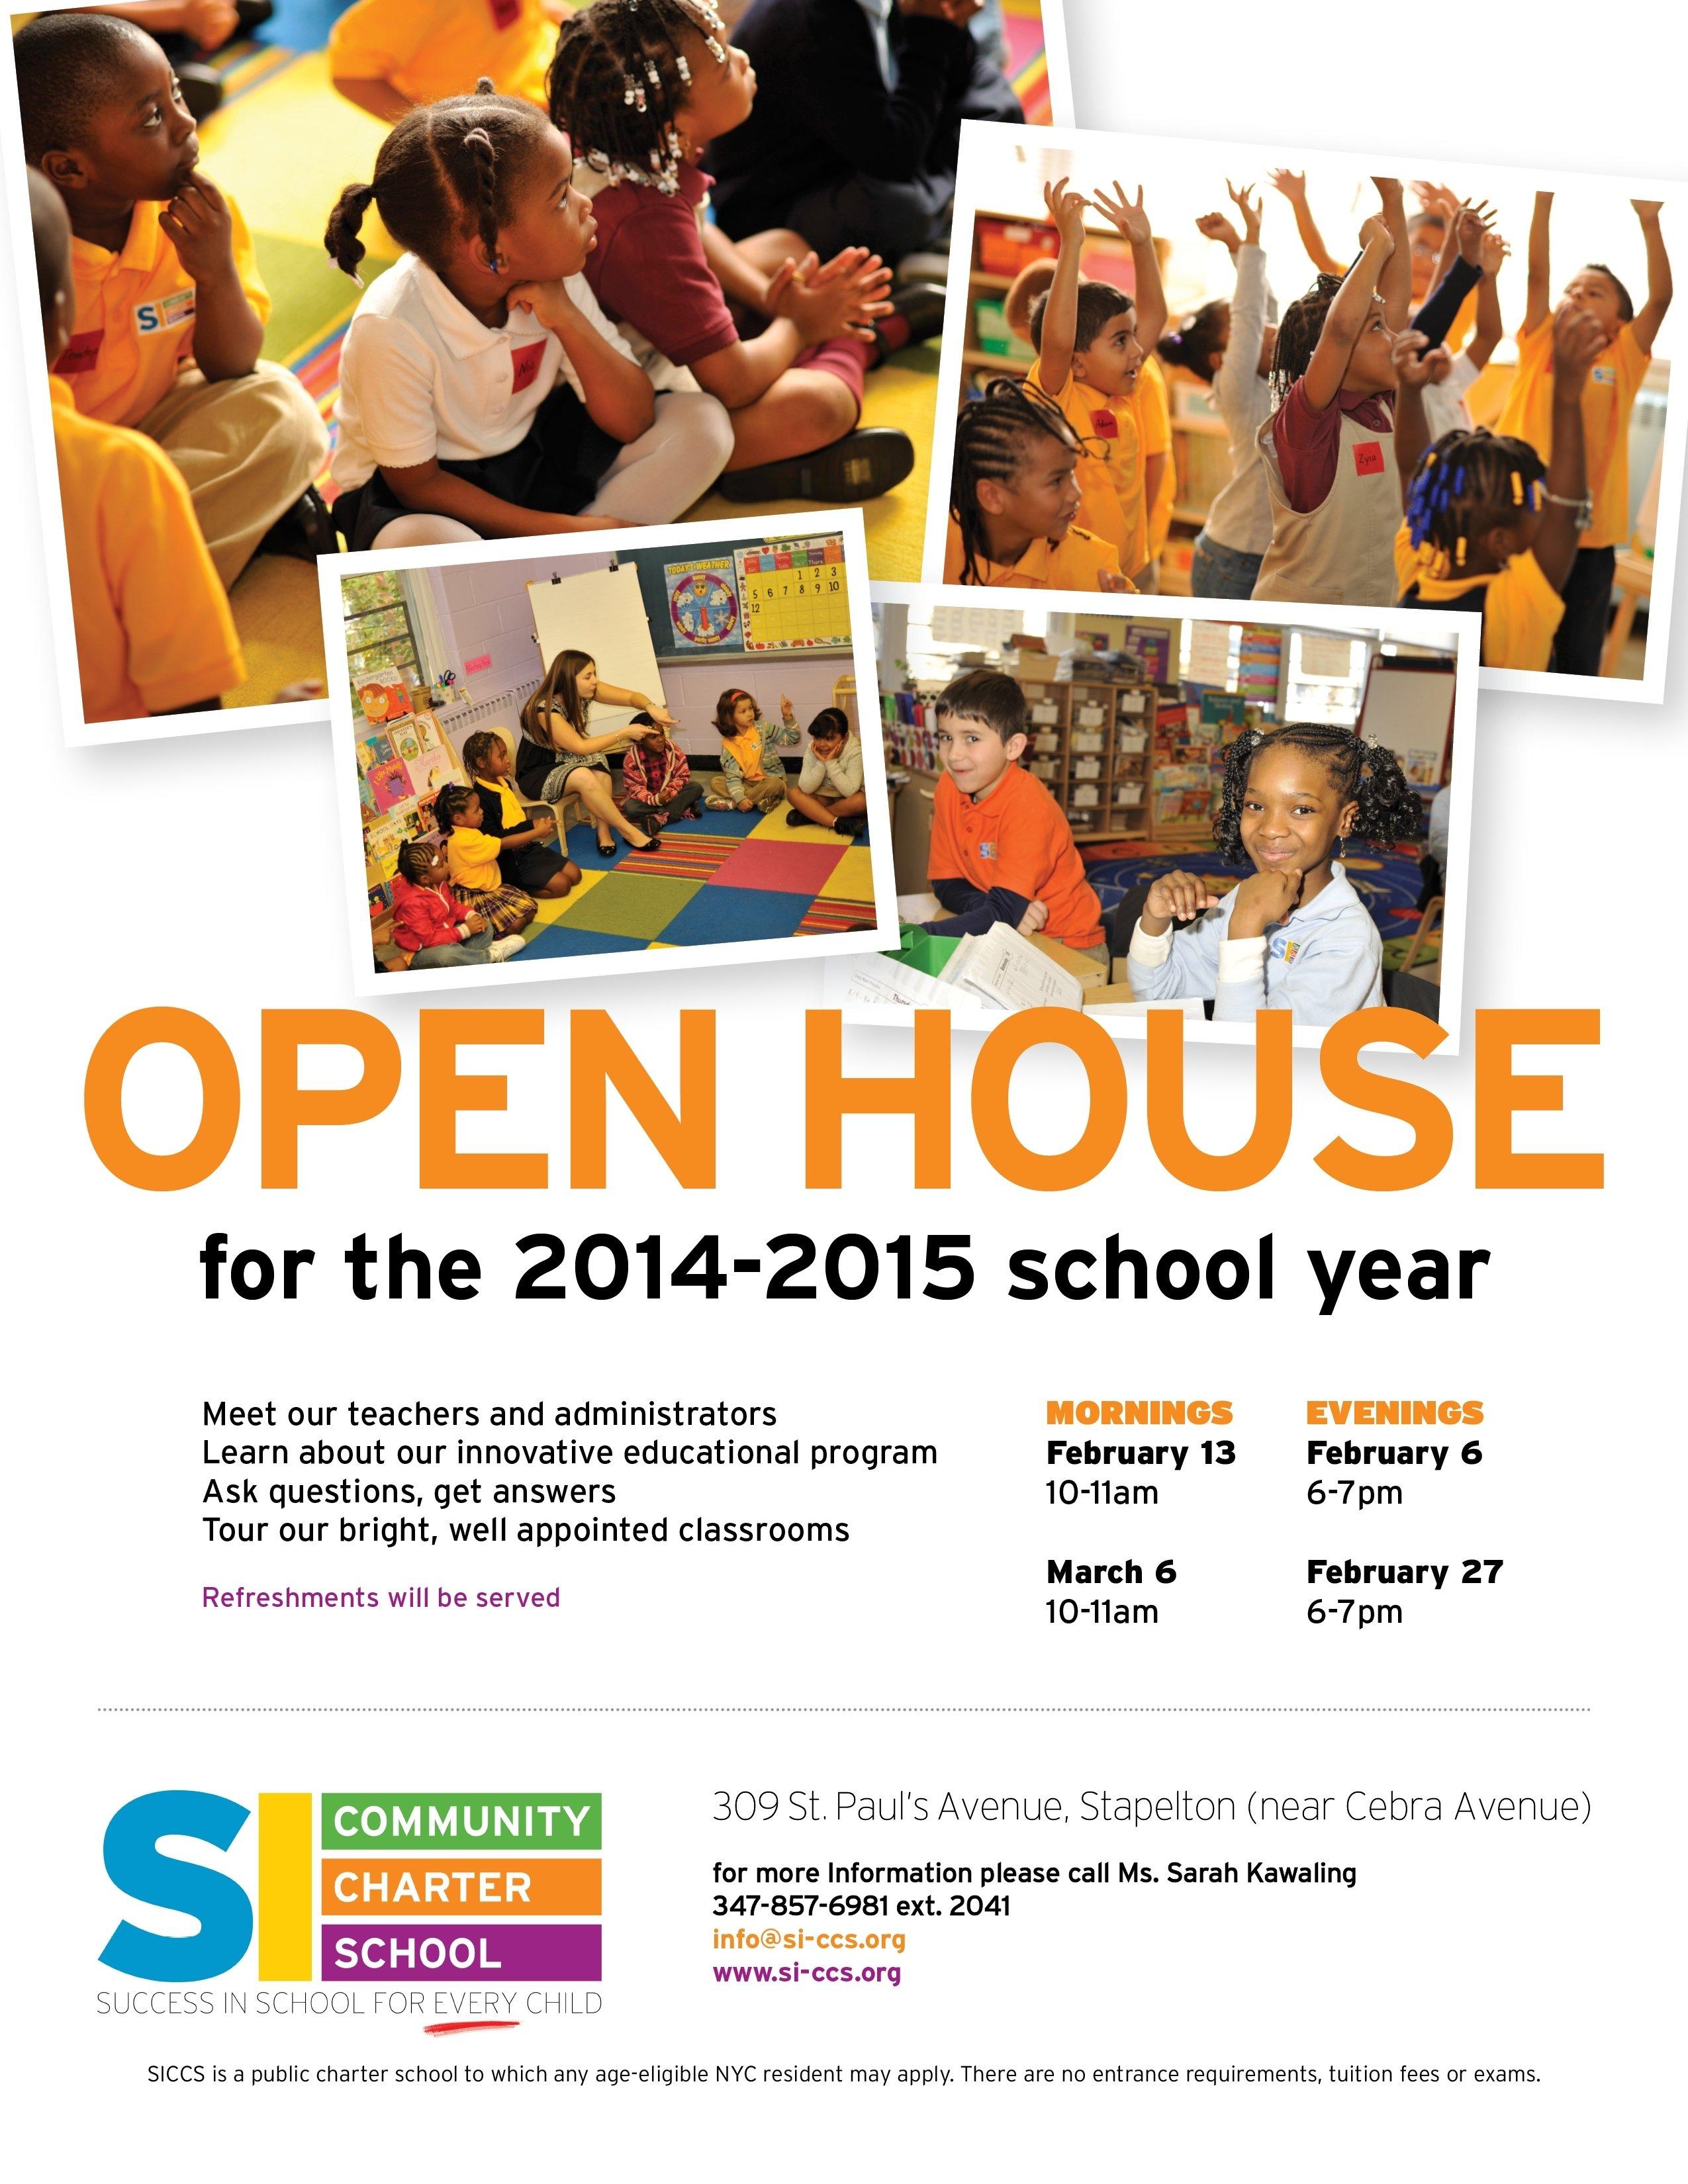 10 Lovely Middle School Open House Ideas school open house flyers on behance bunch ideas of school open house 1 2020